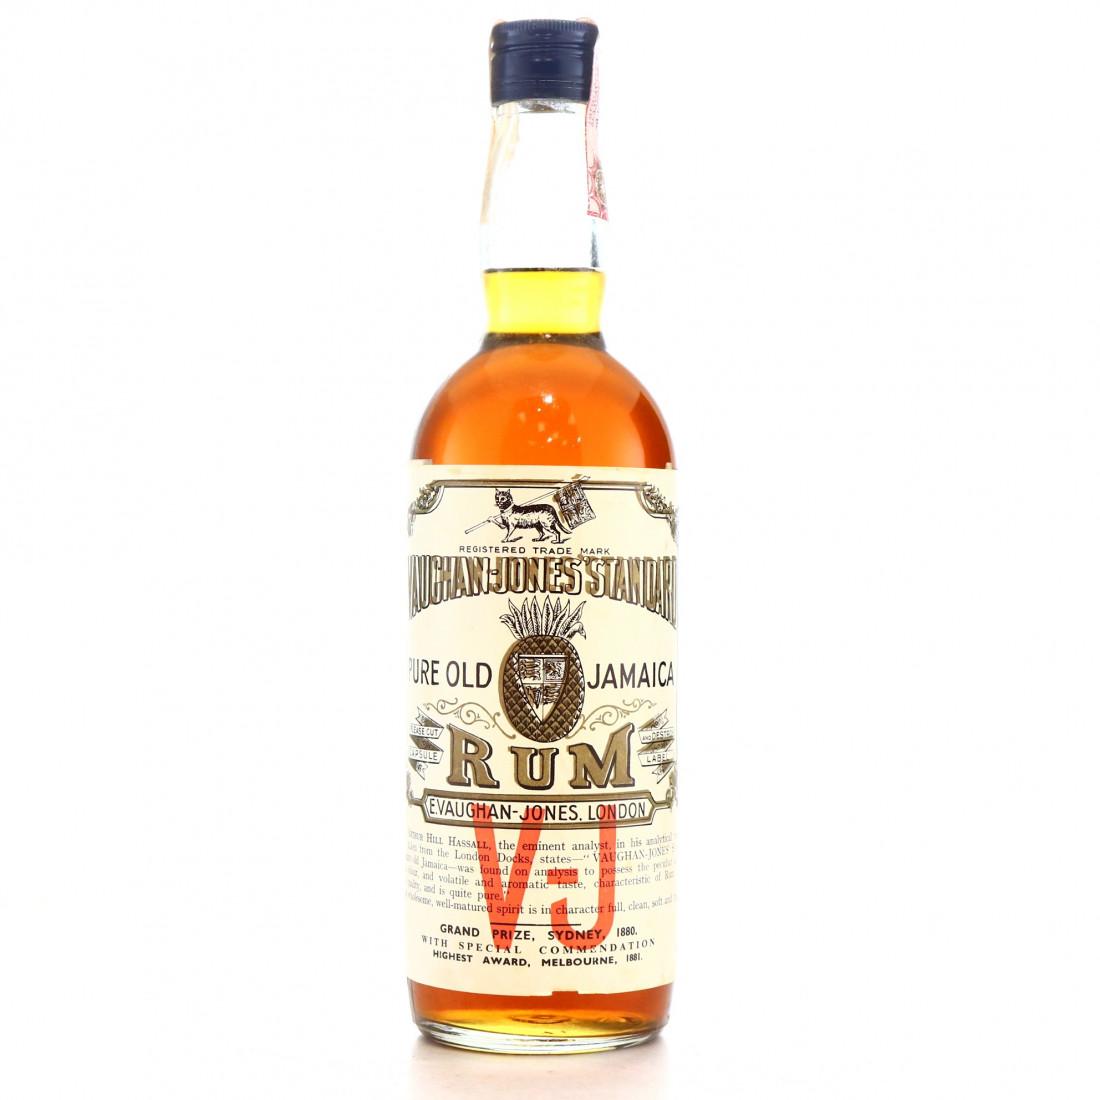 Vaughan Jones' Standard Pure Old Jamaica Rum 1960s